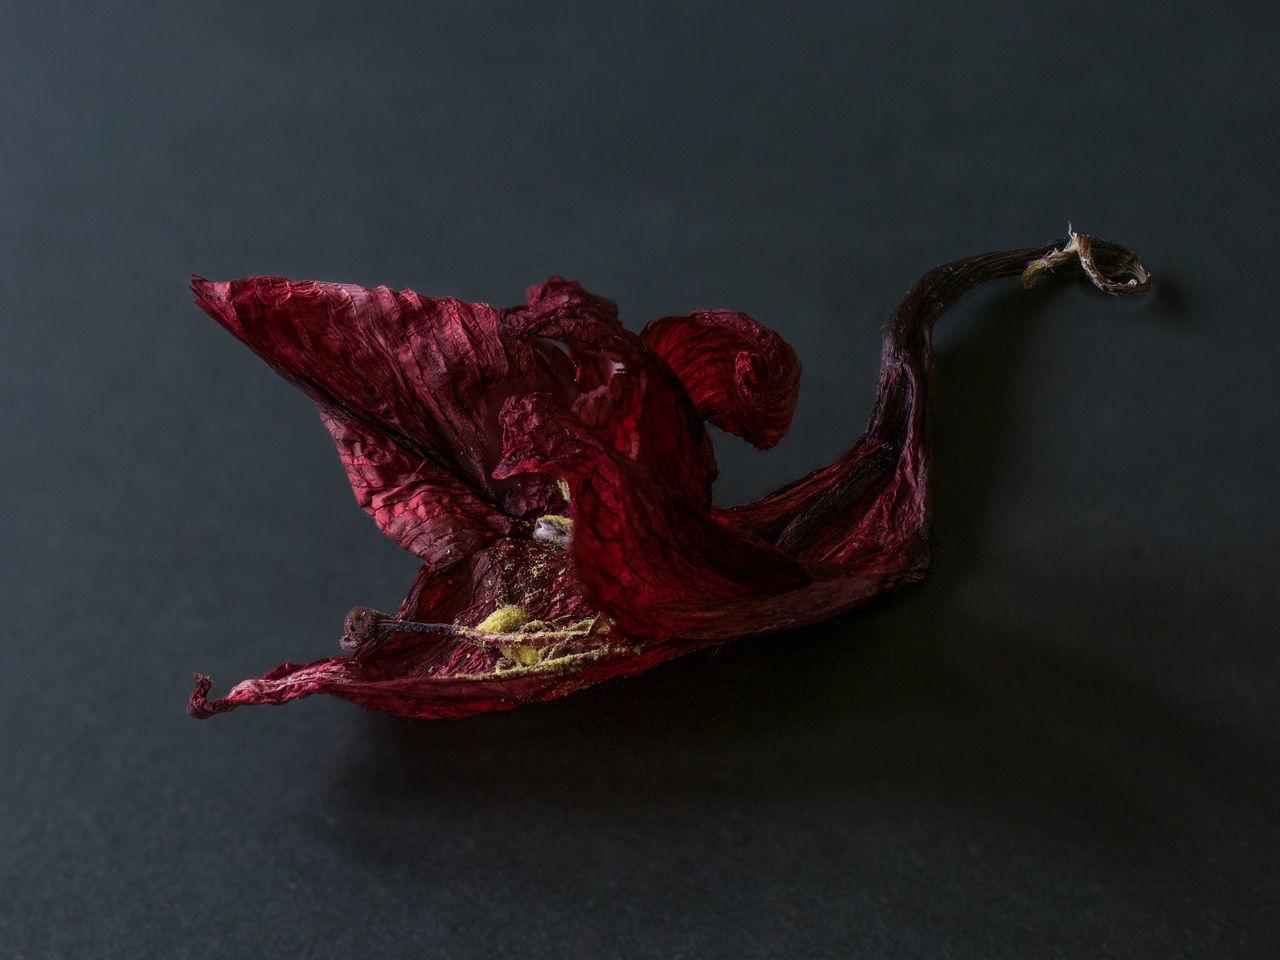 Amaryllis Flower Black Background Close-up Dark Dead Flower Dried Flowers Red Studio Shot